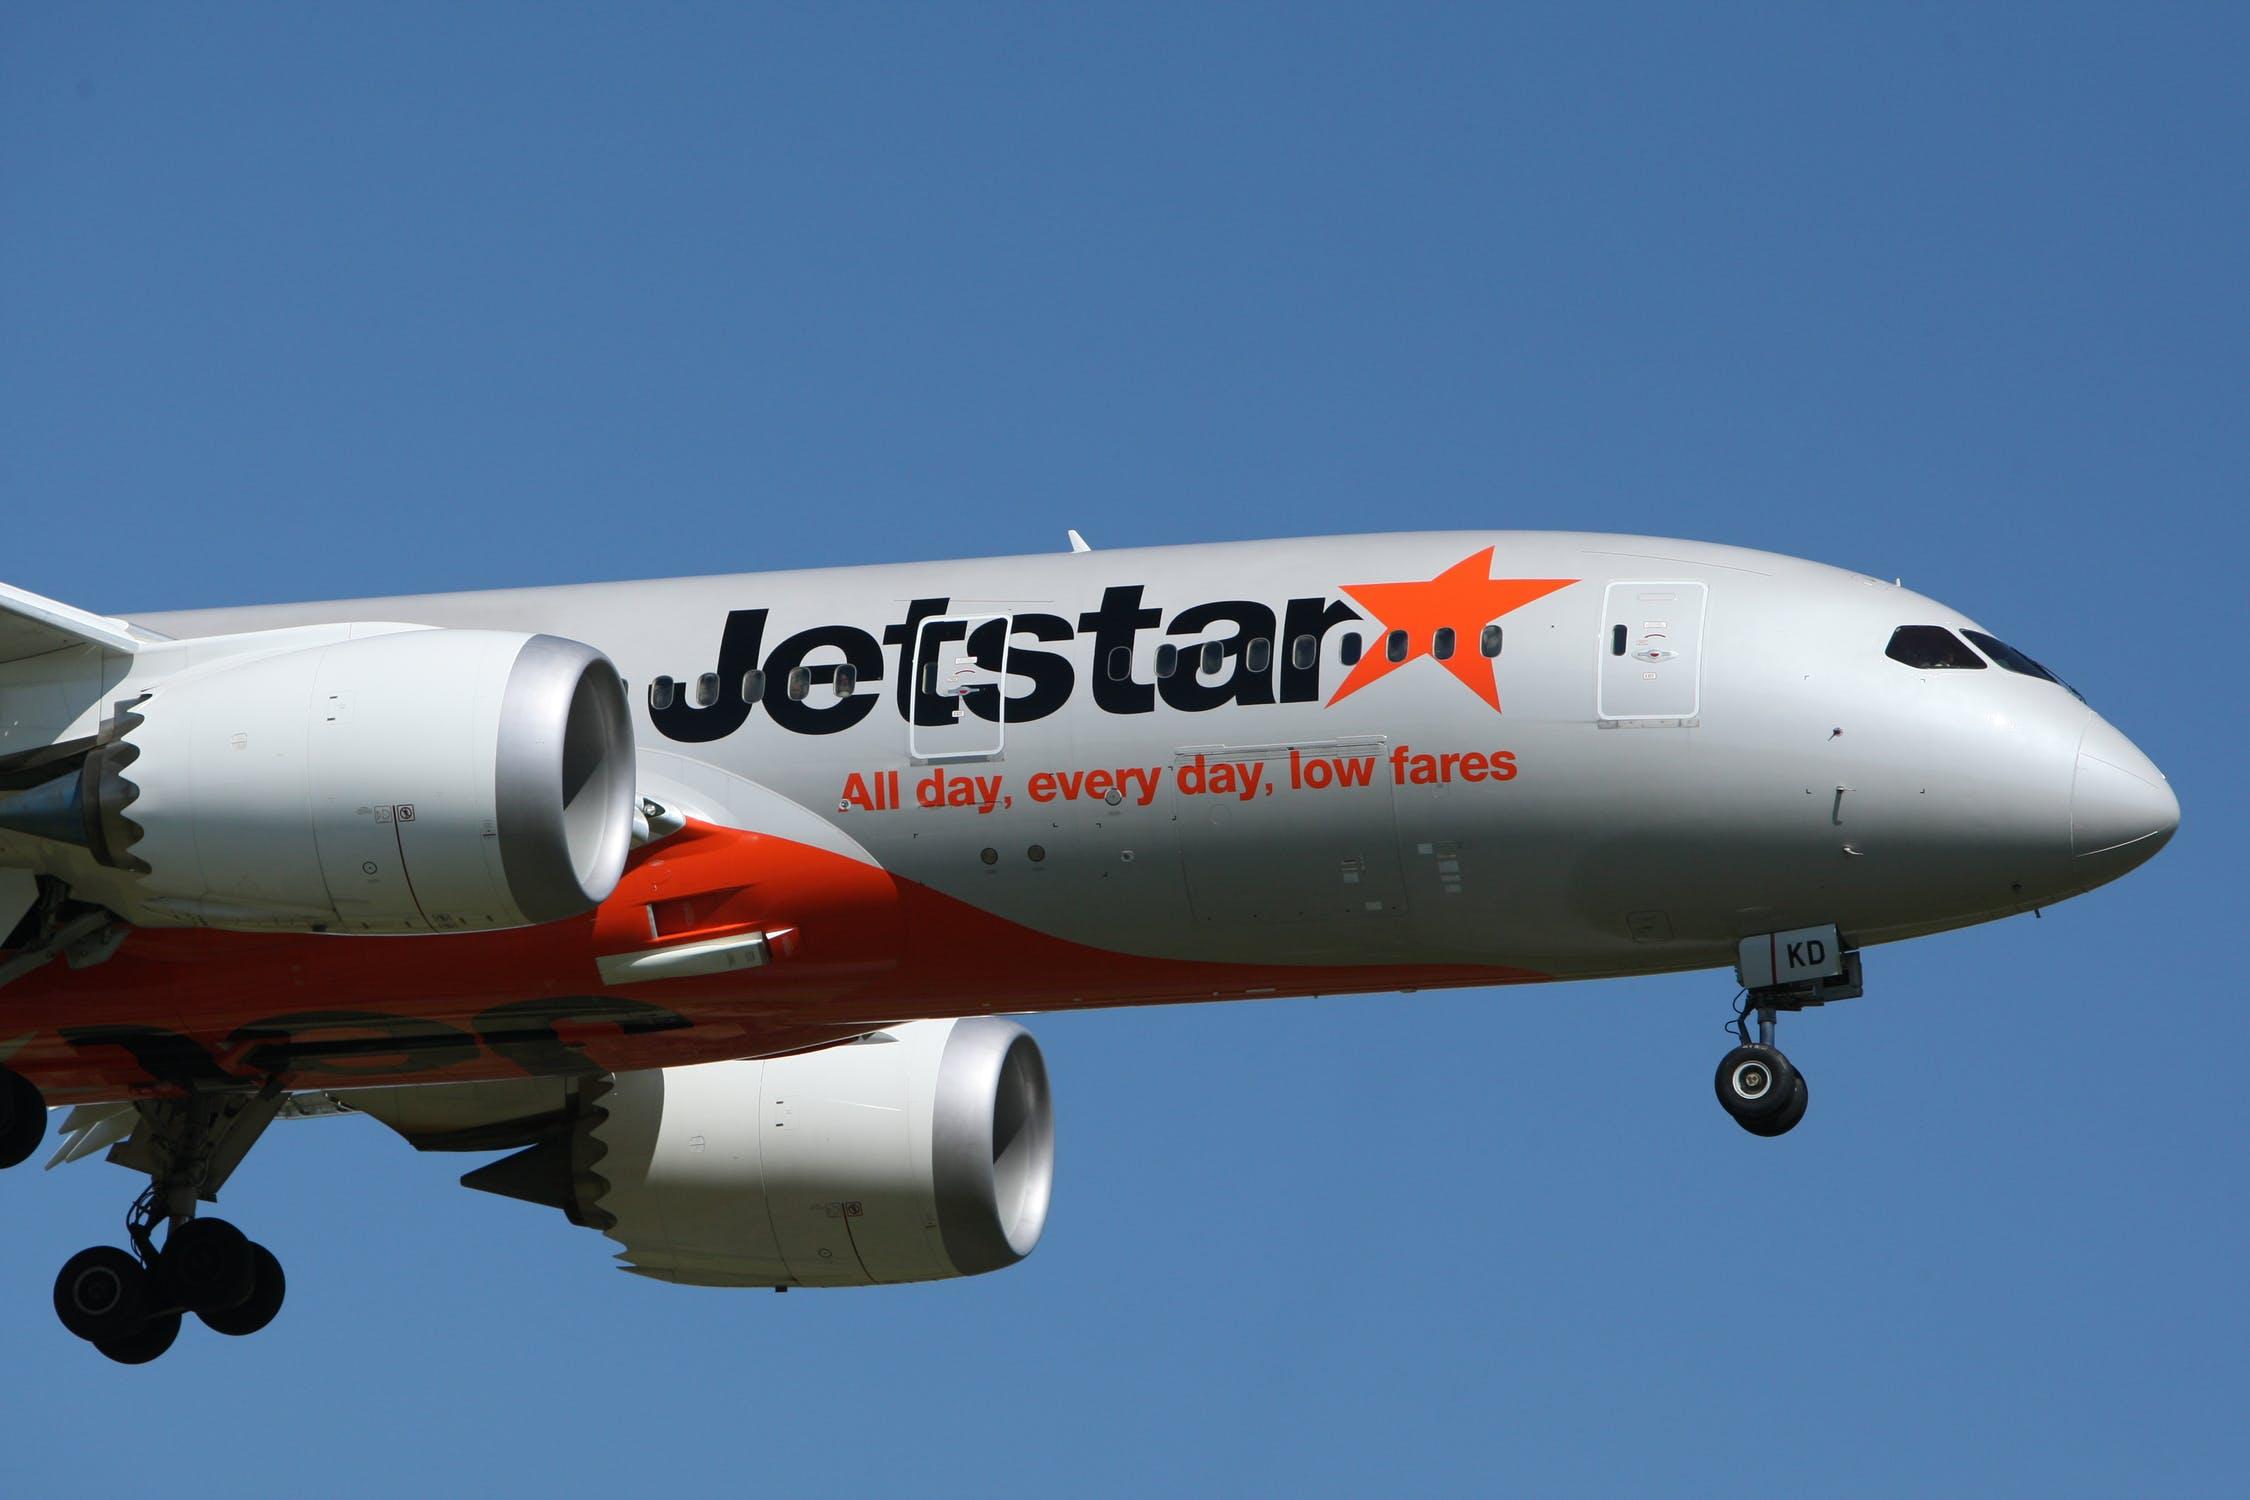 Jetstar a320 Christchurch altitude